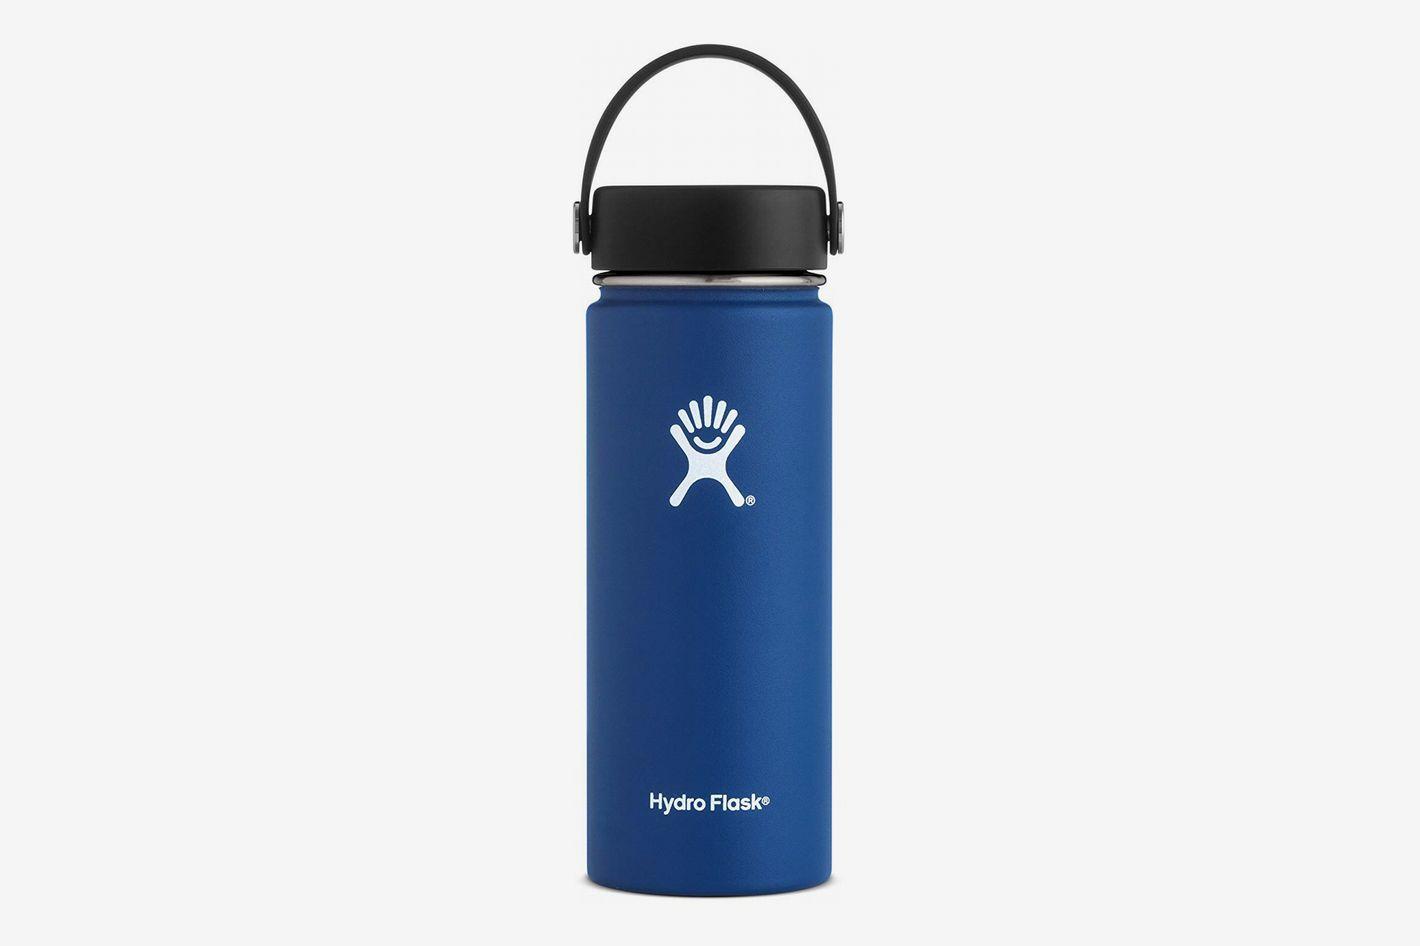 Hydro Flask 18 oz. Wide Water Bottle 532 ml